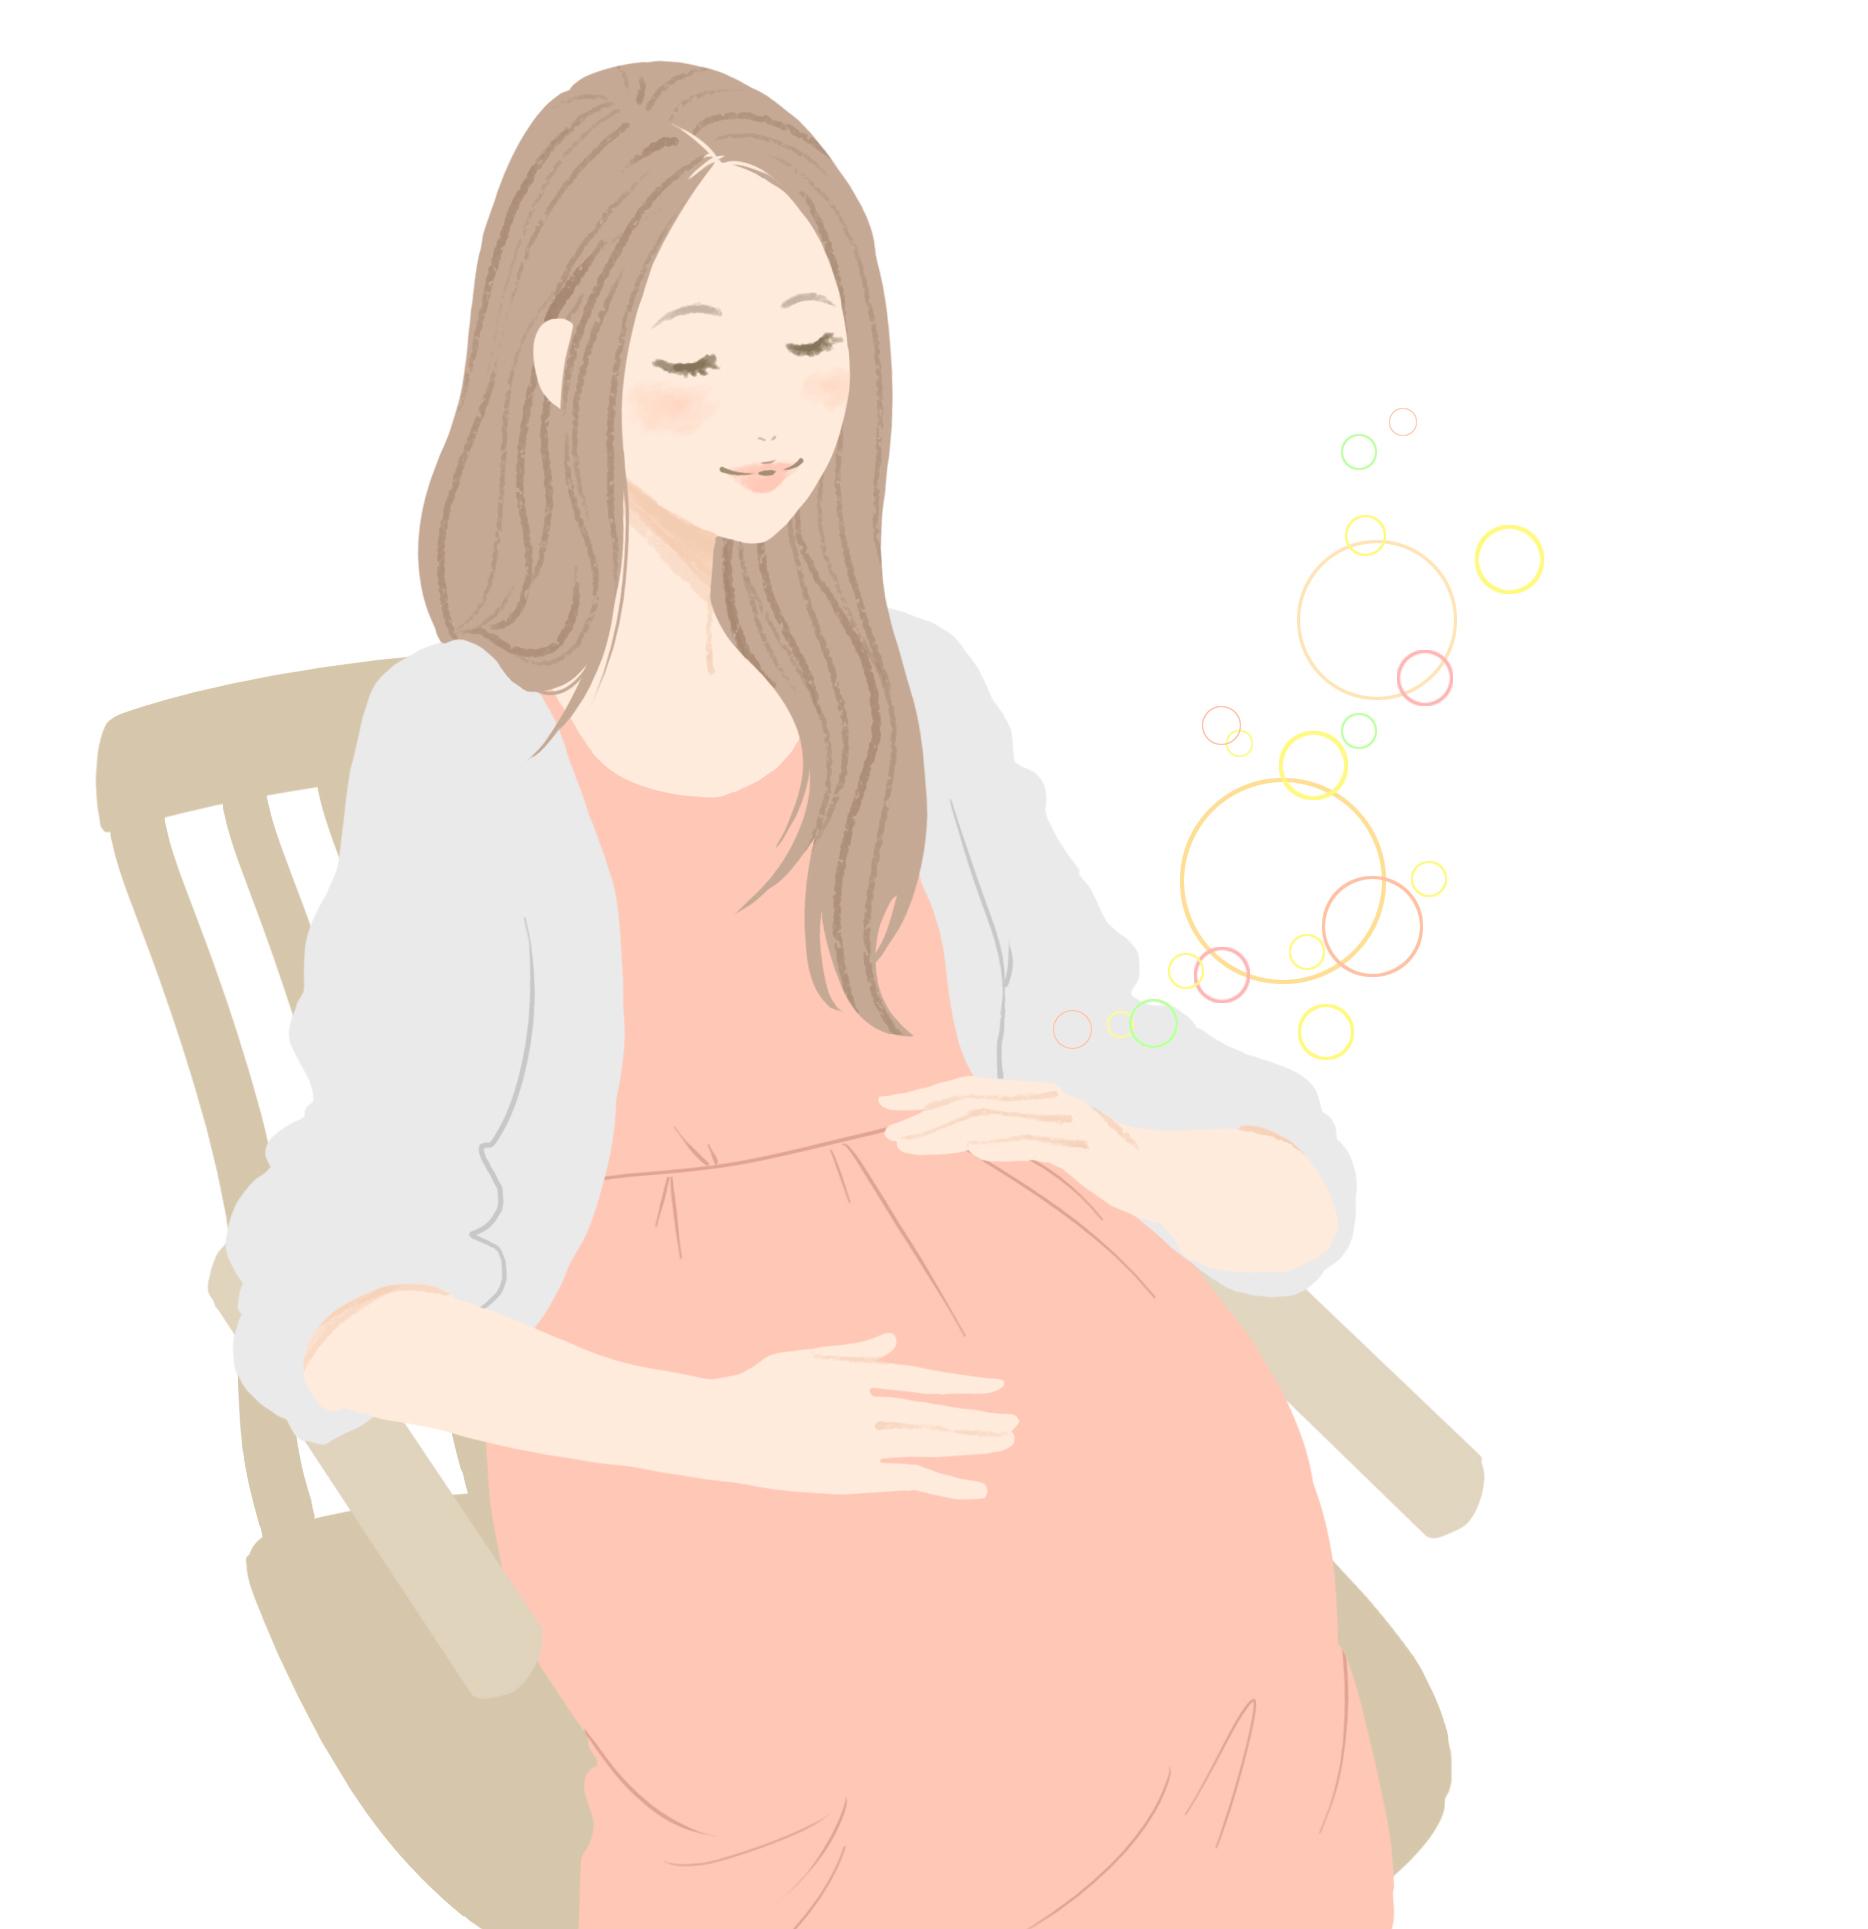 コラム_30代後半から40代の妊娠_02.jpg